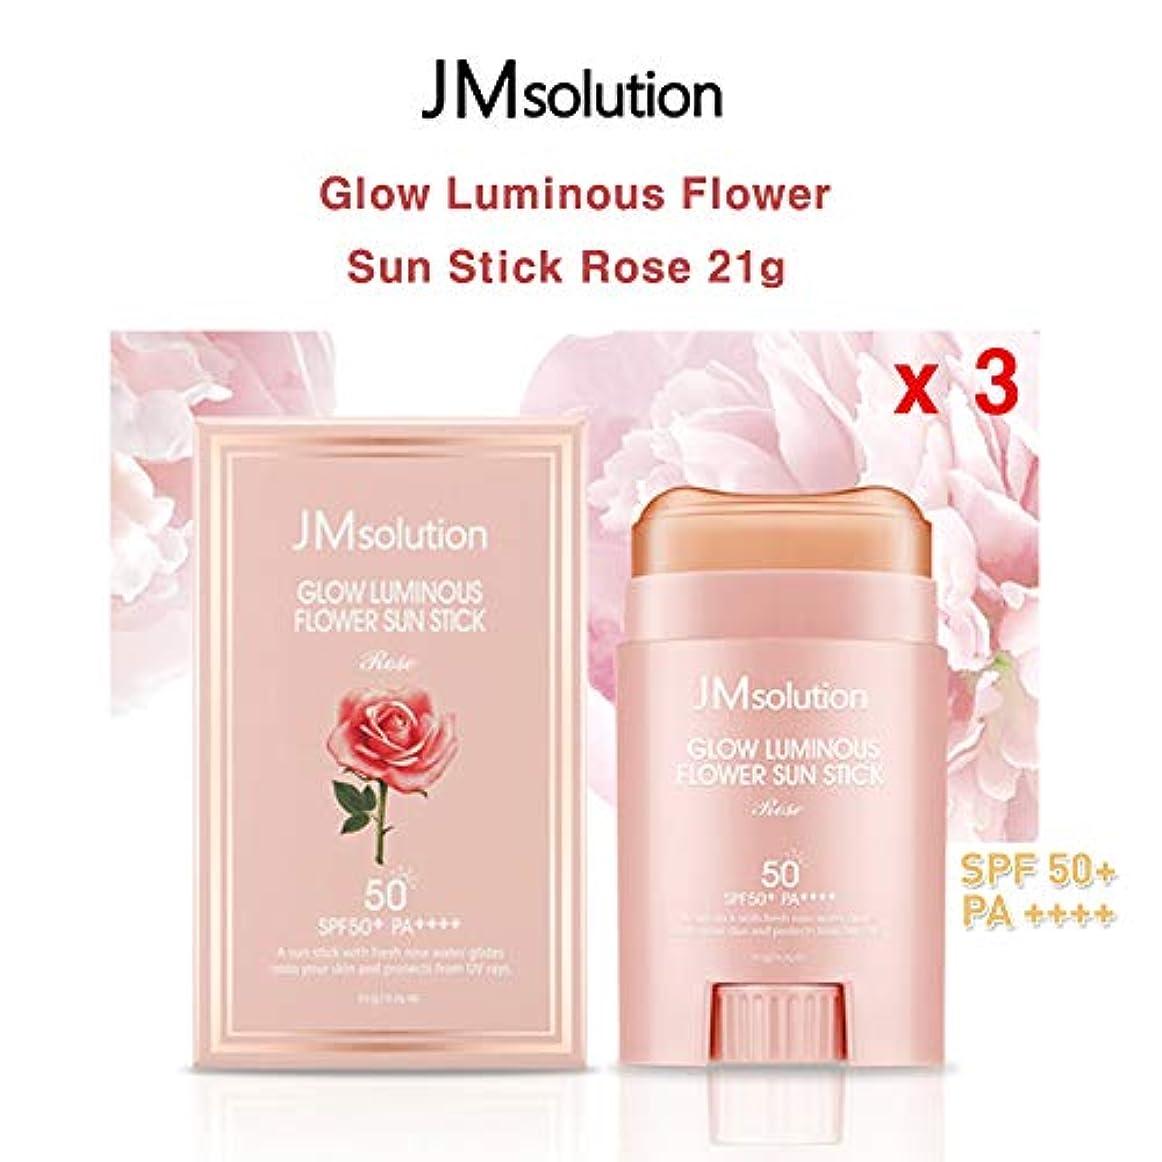 カニメトリックレコーダーJM Solution ★1+1+1★ Glow Luminous Flower Sun Stick Rose 21g (spf50 PA) 光る輝く花Sun Stick Rose